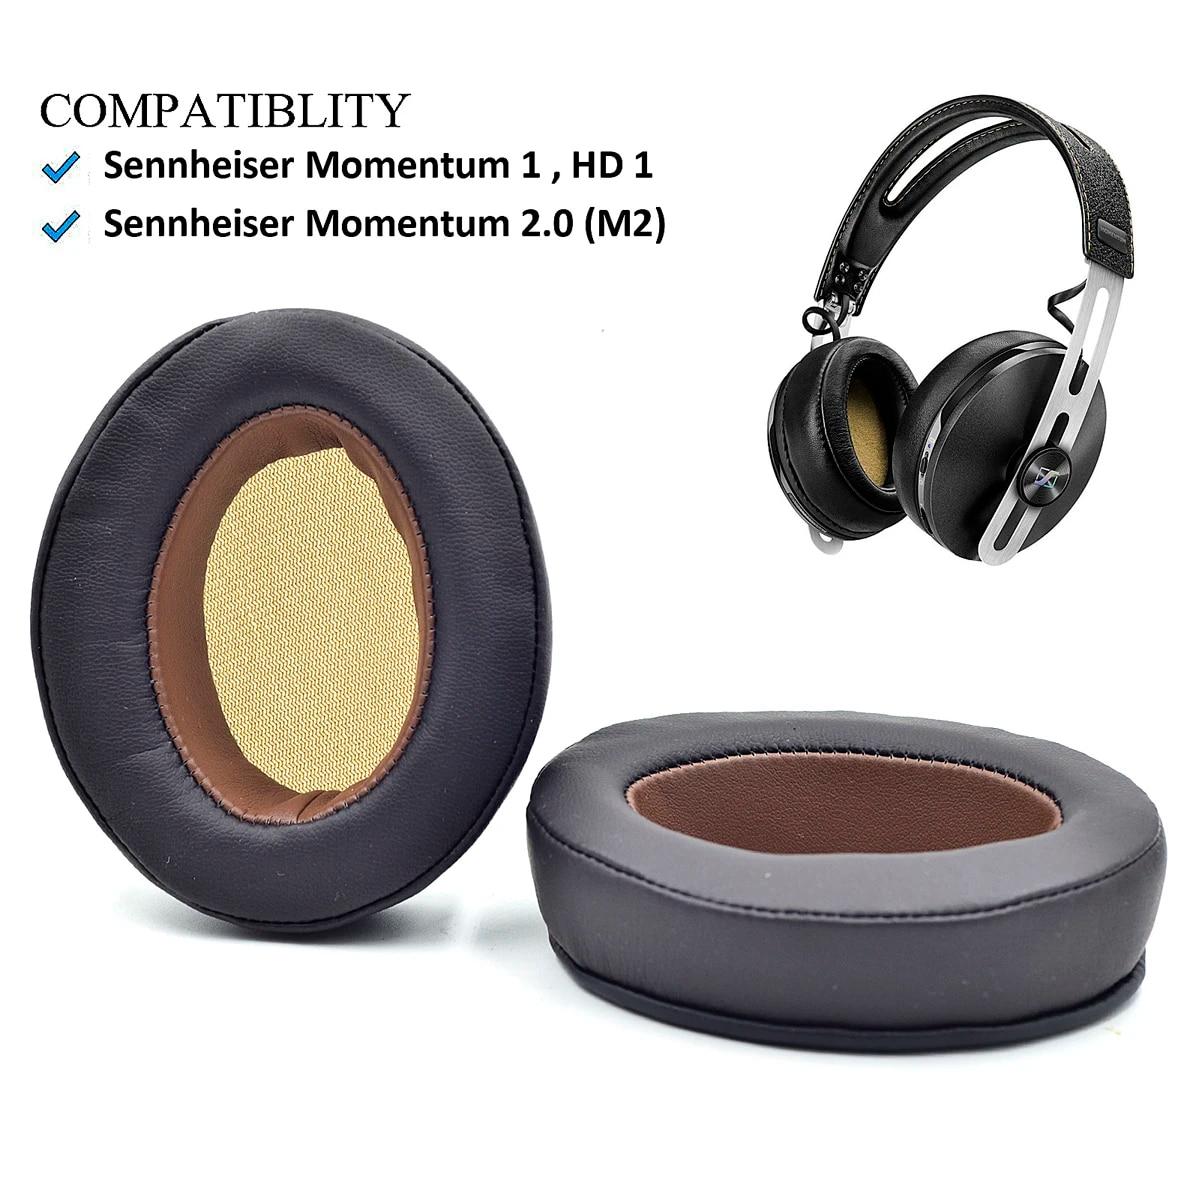 Descripción auriculares Sennheiser Momentum 2.0 inalámbricos